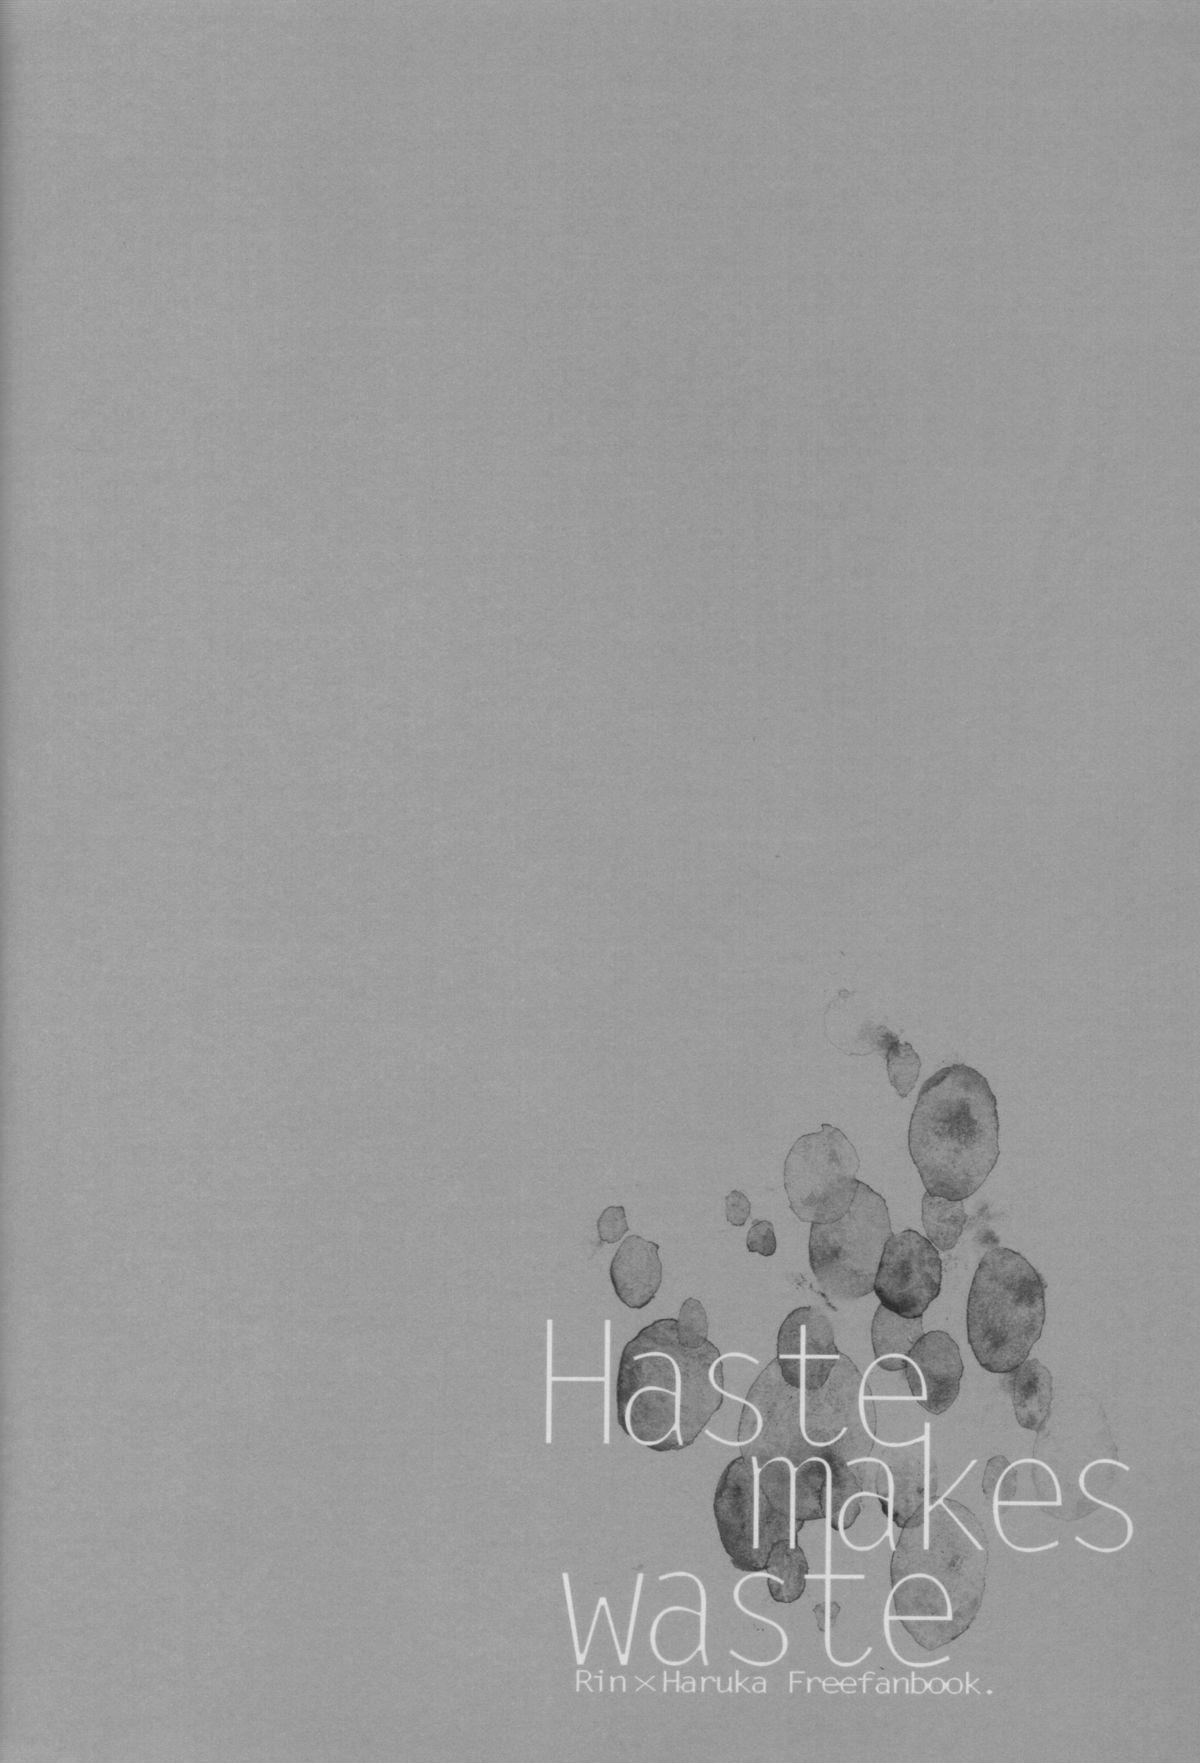 Haste makes waste 6